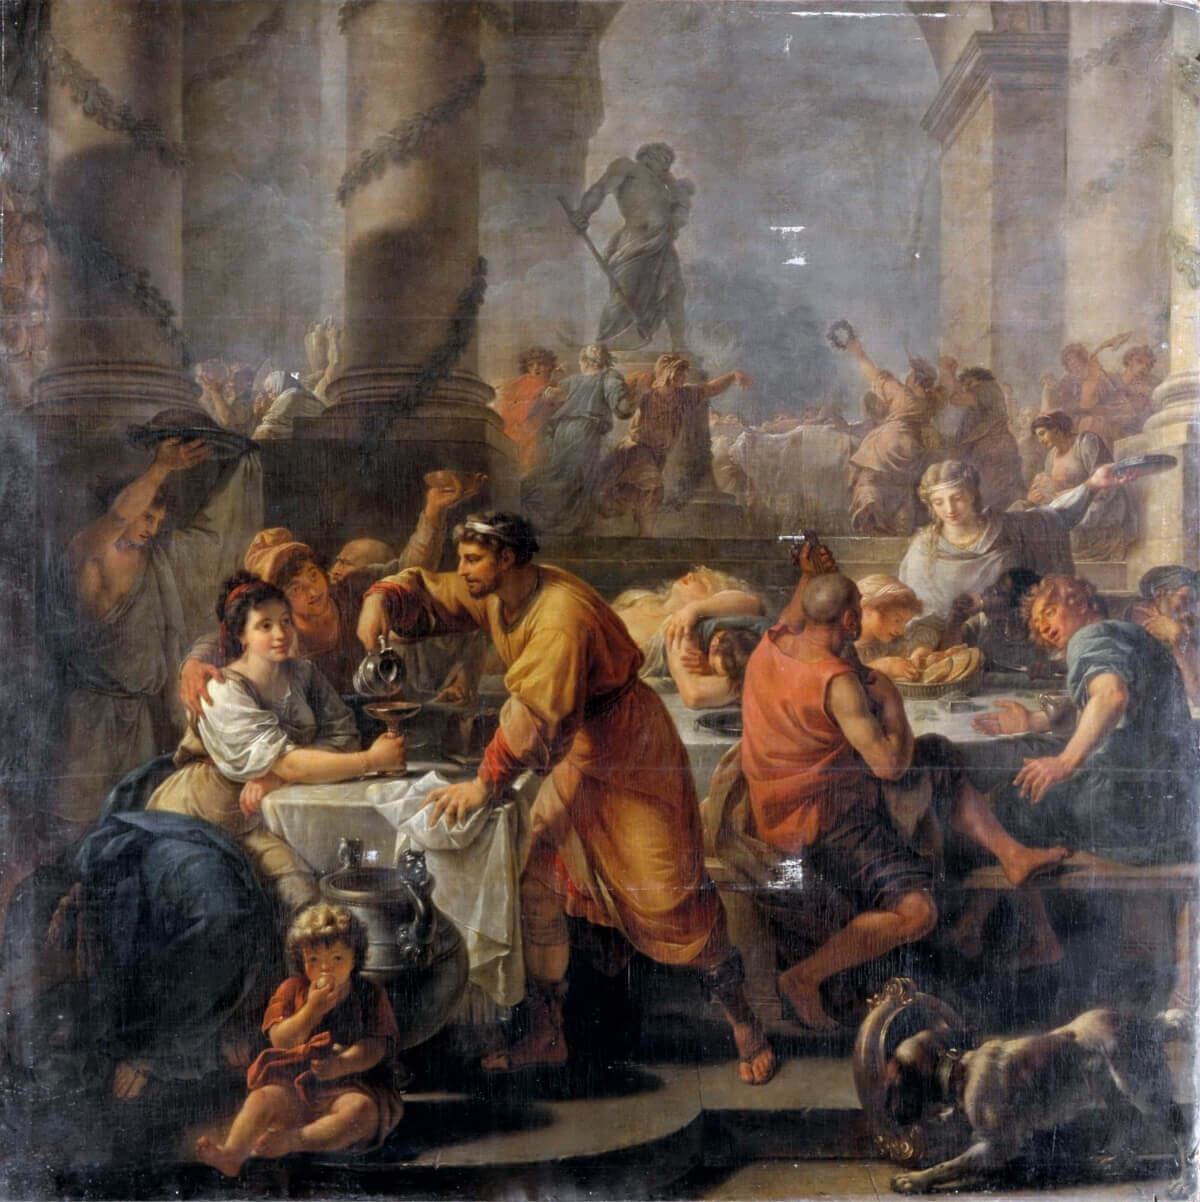 Сатурналии, 1783, Антуан-Франсуа Калле.